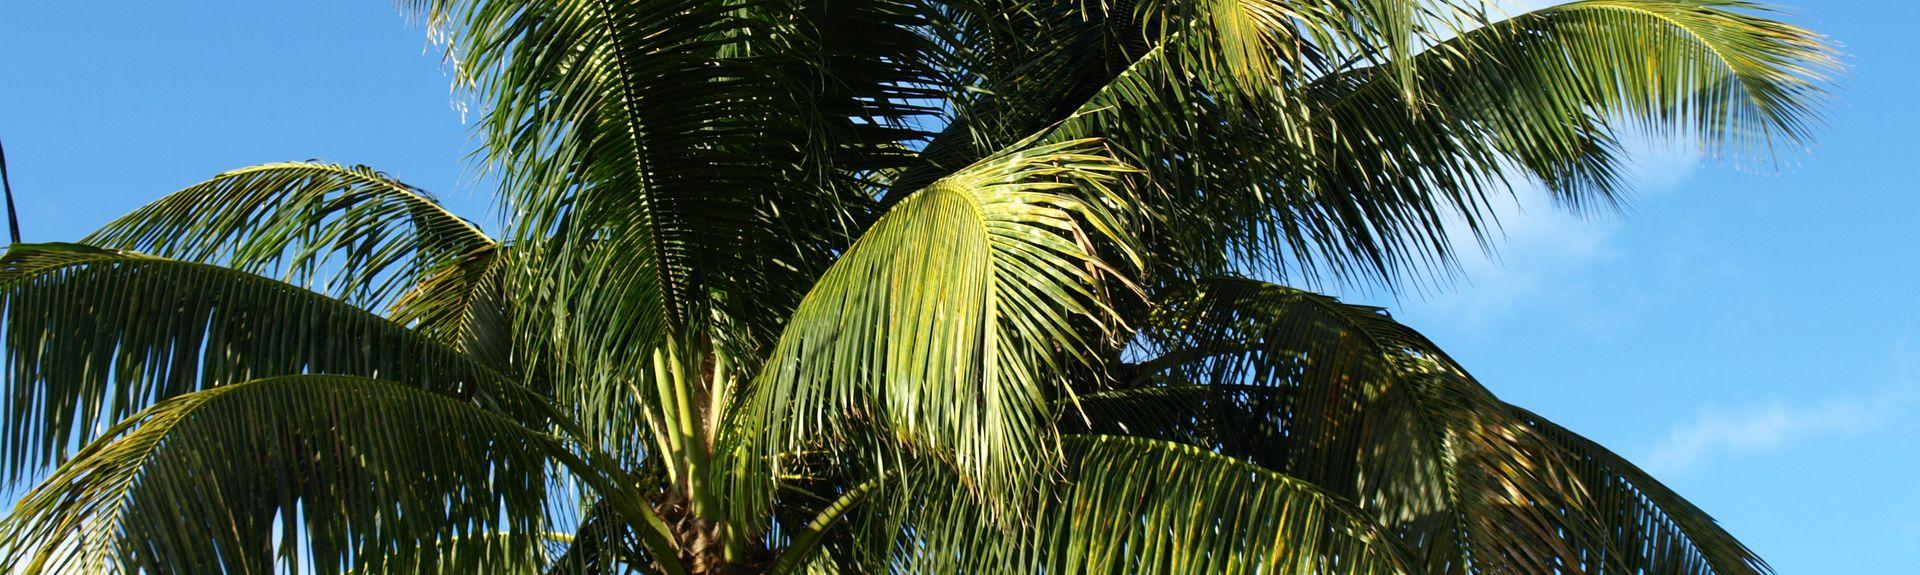 Bel Air Isle, Lauderdale-by-the-Sea, Florida, Vereinigte Staaten